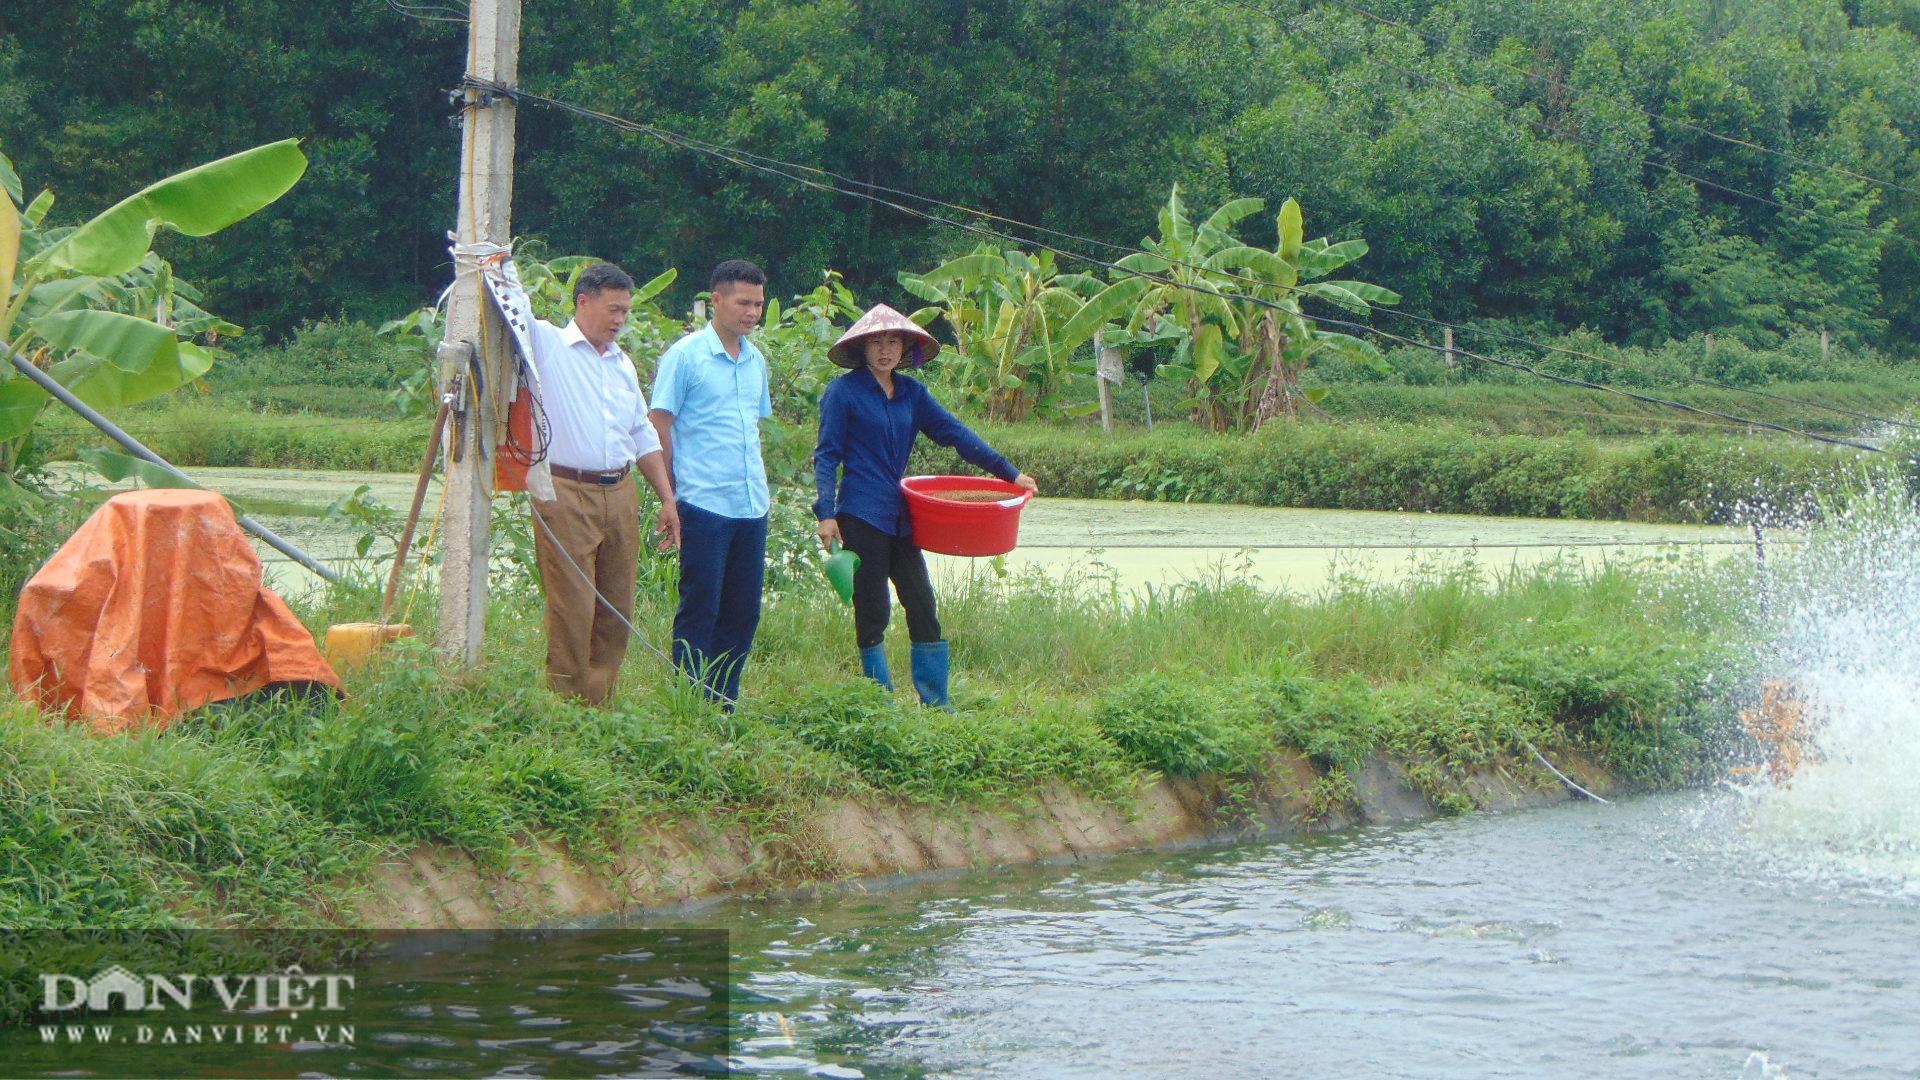 Thái Nguyên: Lão nông thu trăm triệu mỗi năm từ nuôi cá thả ao - Ảnh 2.